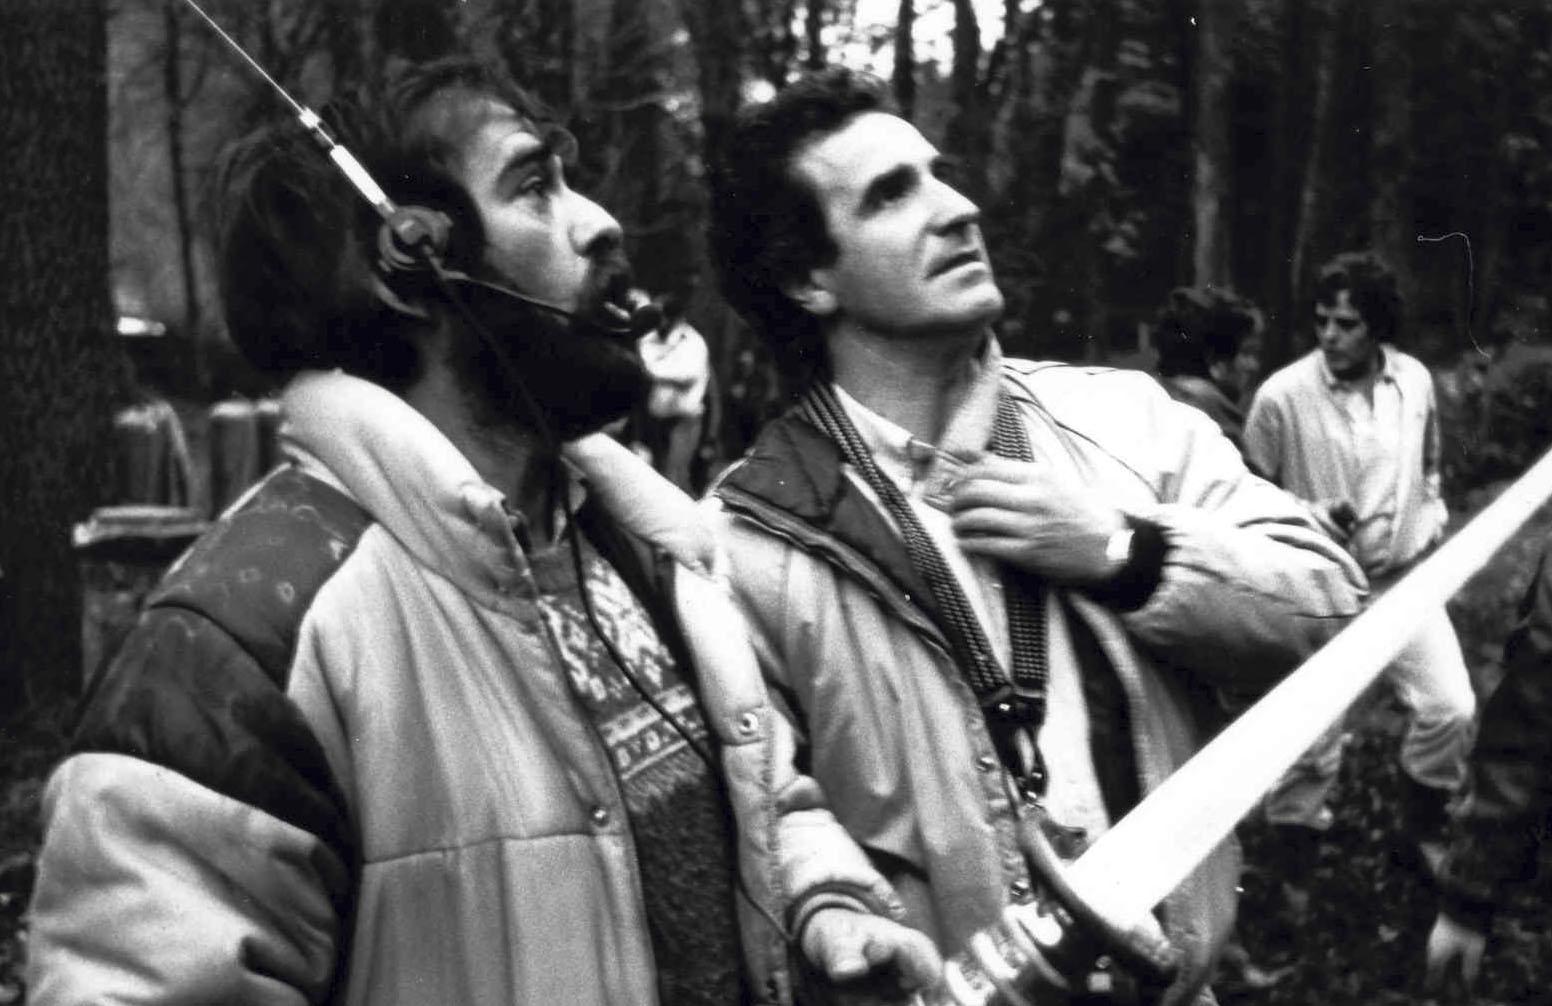 La Academia de las Artes y las Ciencias Cinematográficas recuerda a Reyes Abades